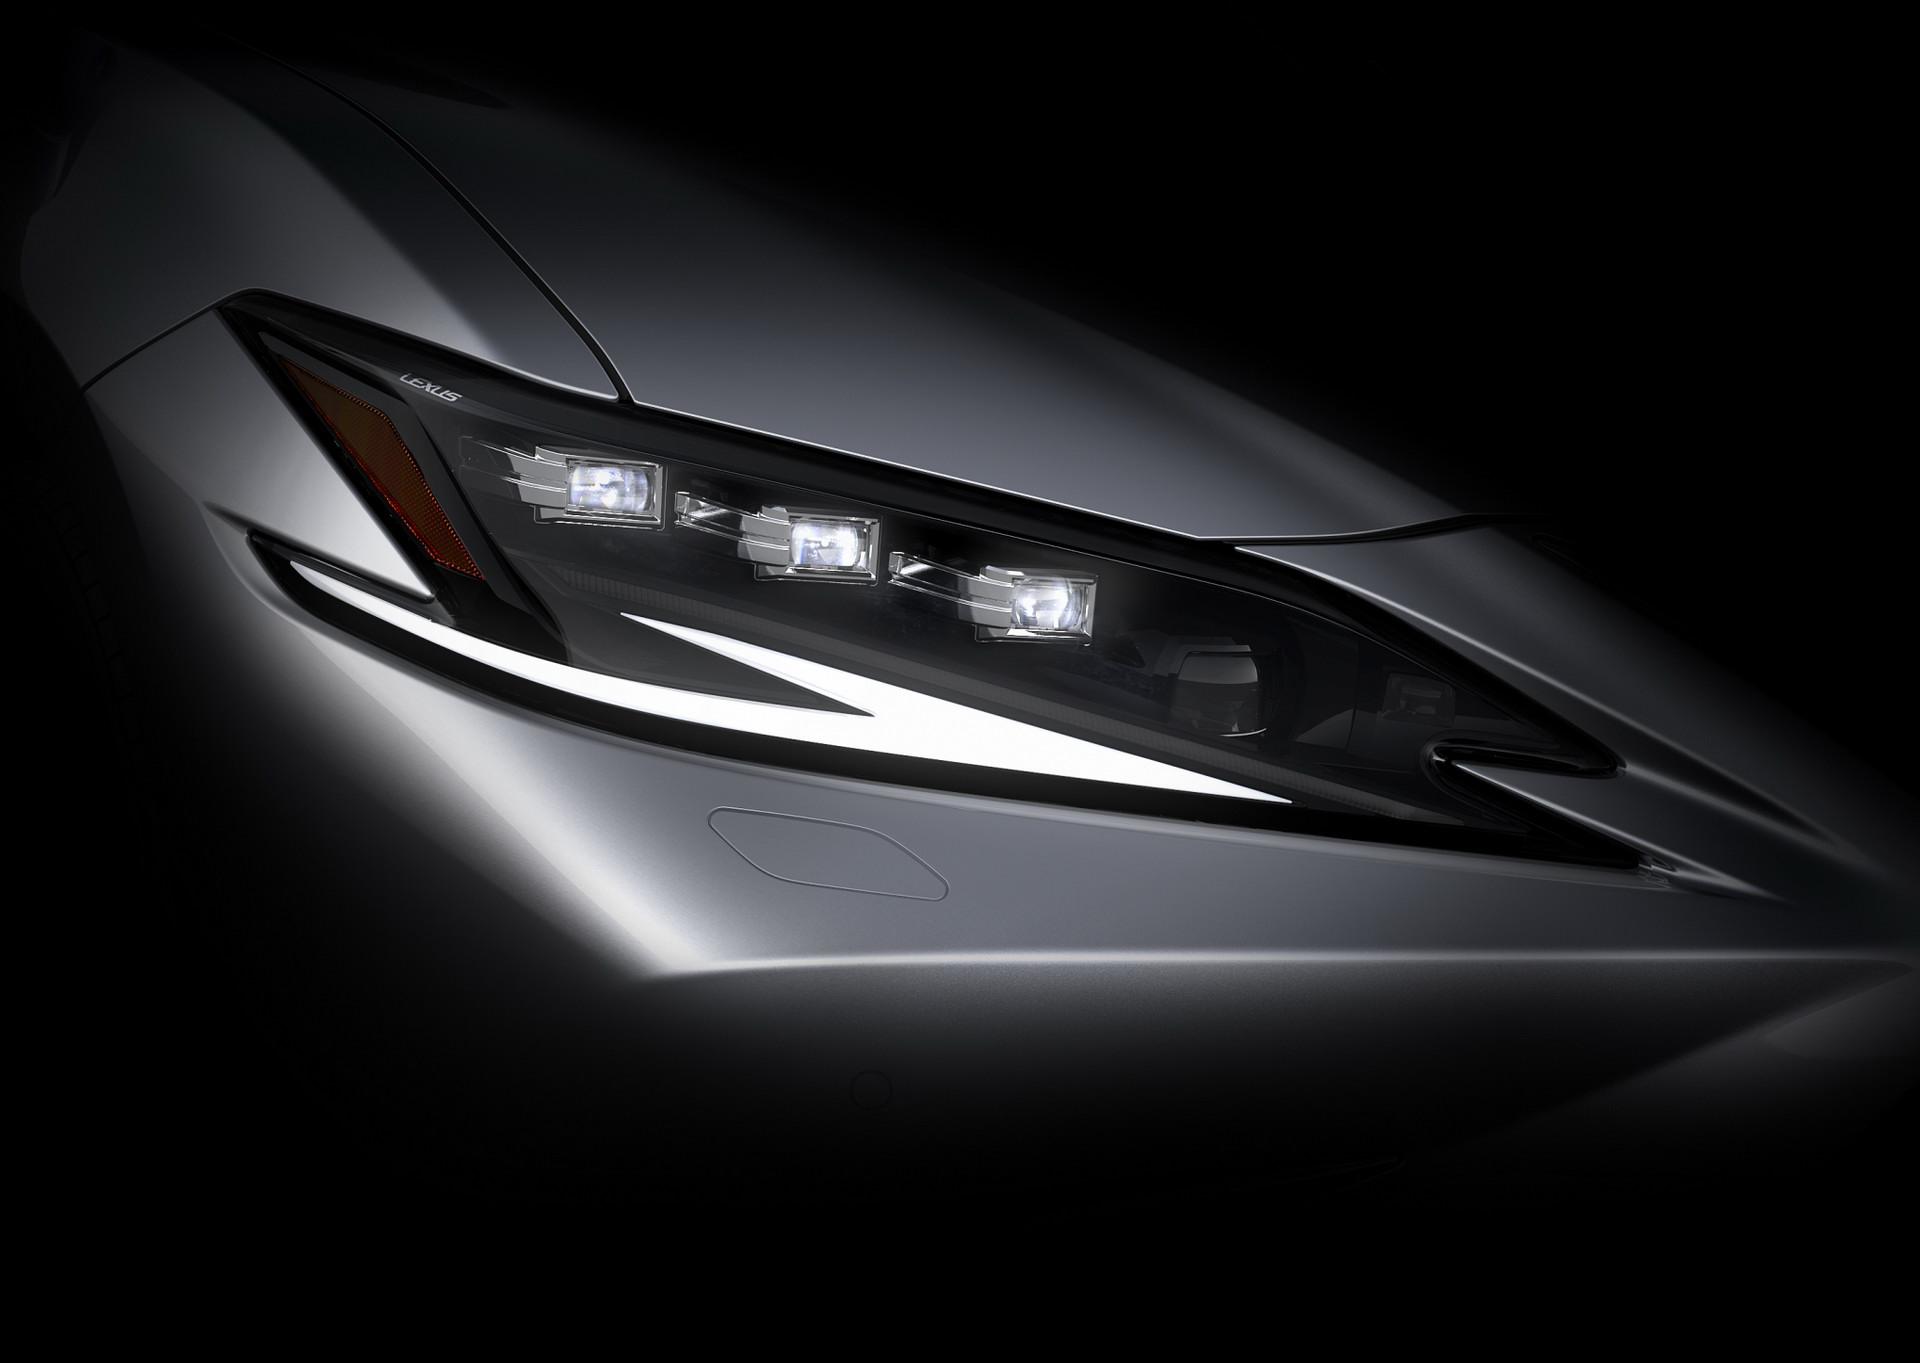 Preview Auto Shanghai 2021 AutoinfoOnline (4)